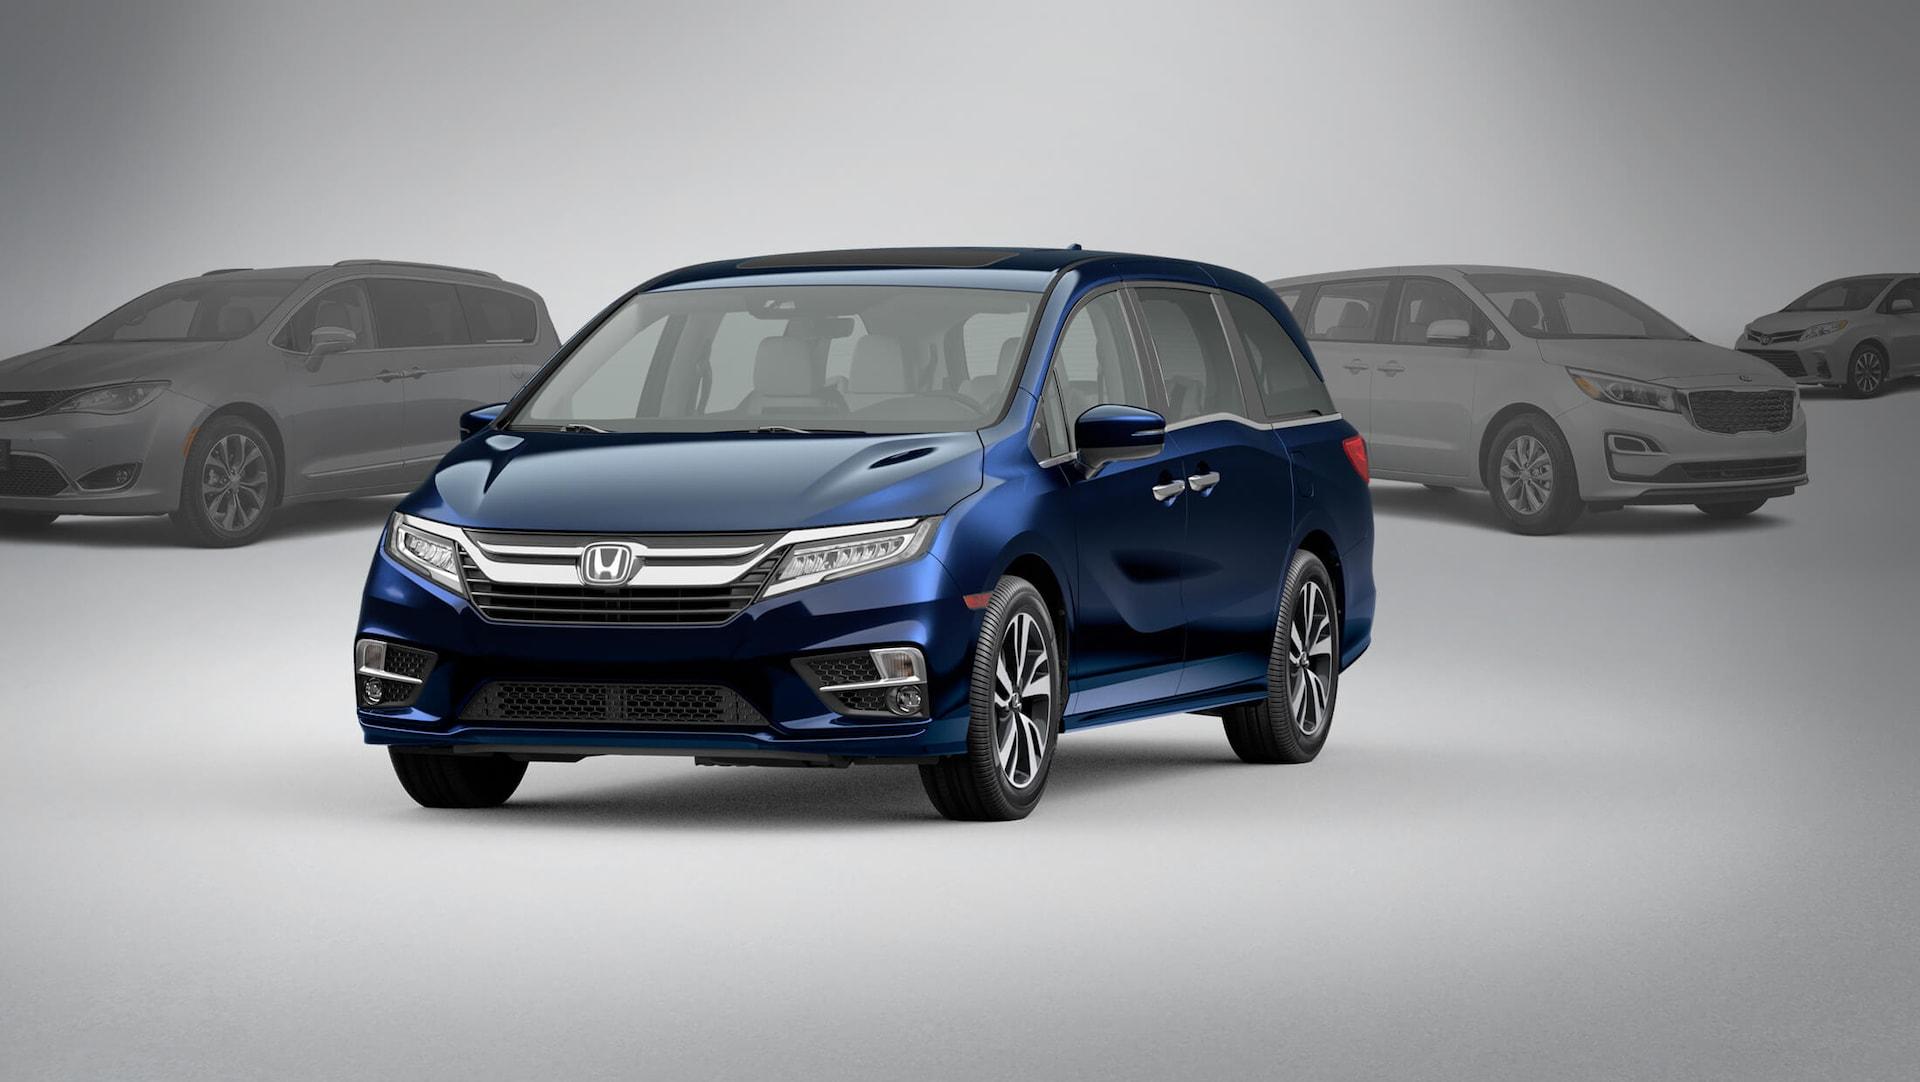 Vista frontal de 3/4 desde el lado del conductor de la Honda Odyssey2020 en Obsidian Blue Pearl estacionada frente a la competencia.